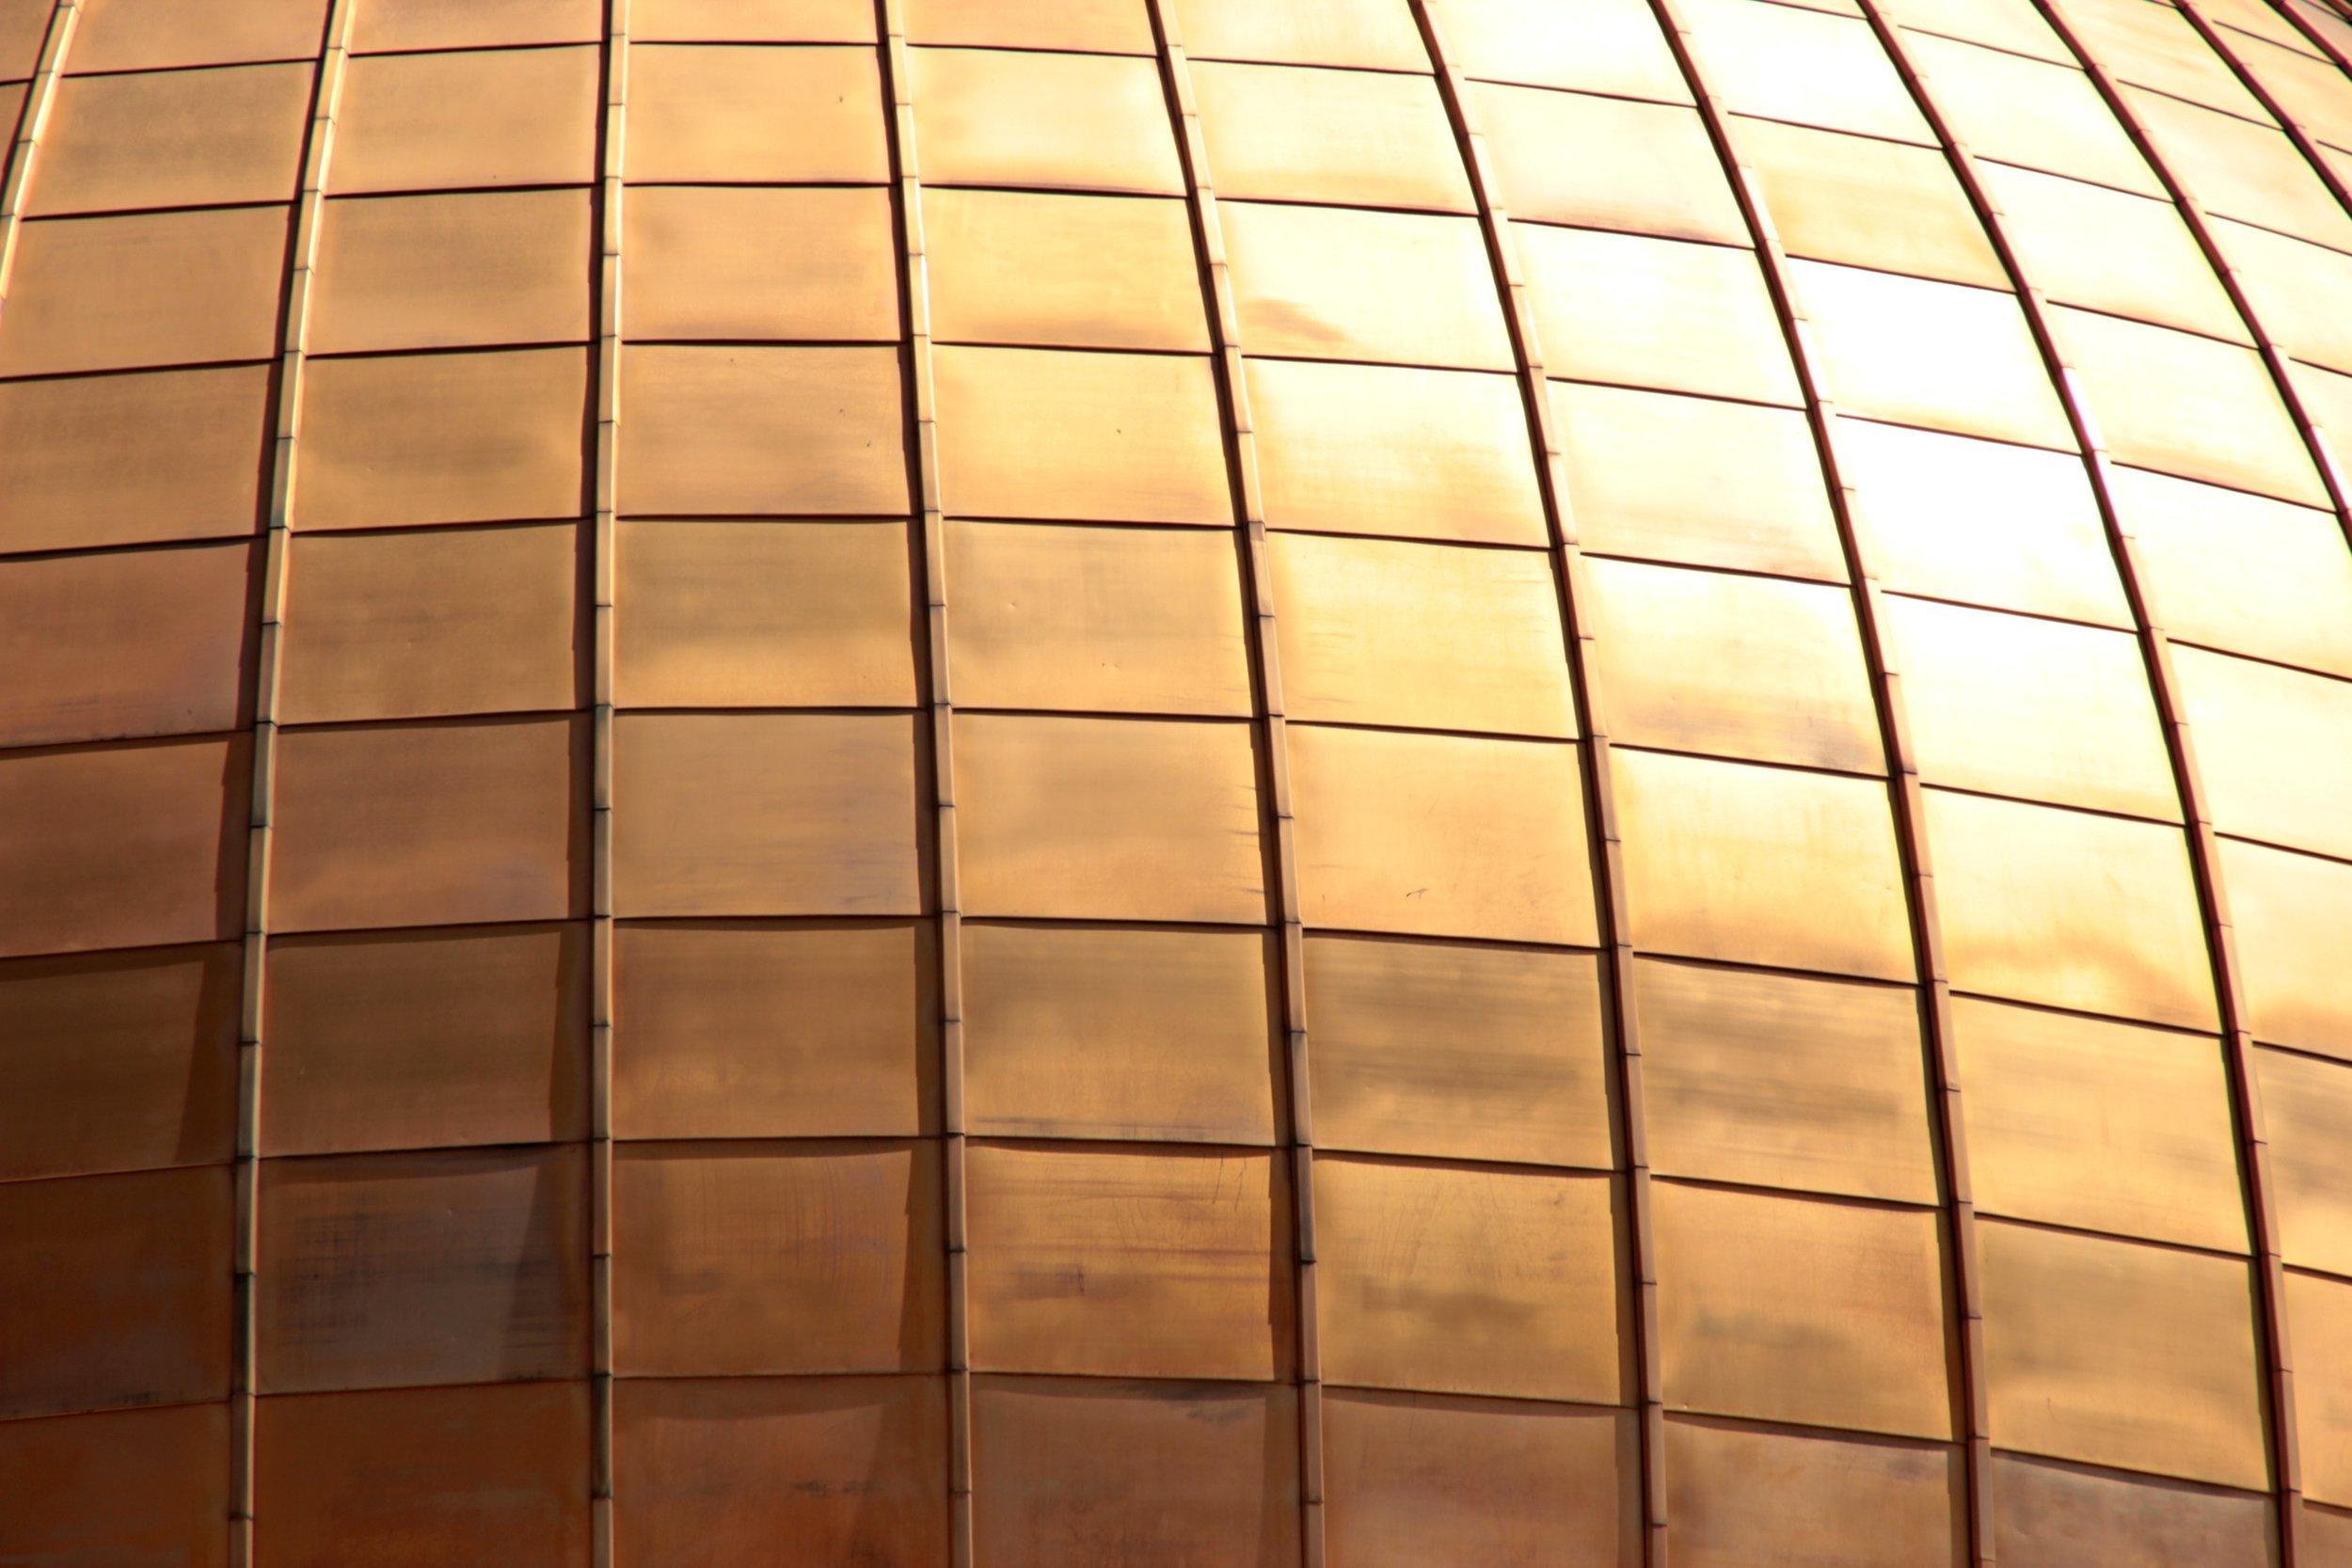 Bronze squares. Image c/o Unsplash / 9096 on Pixabay, published under  CC0 1.0 .